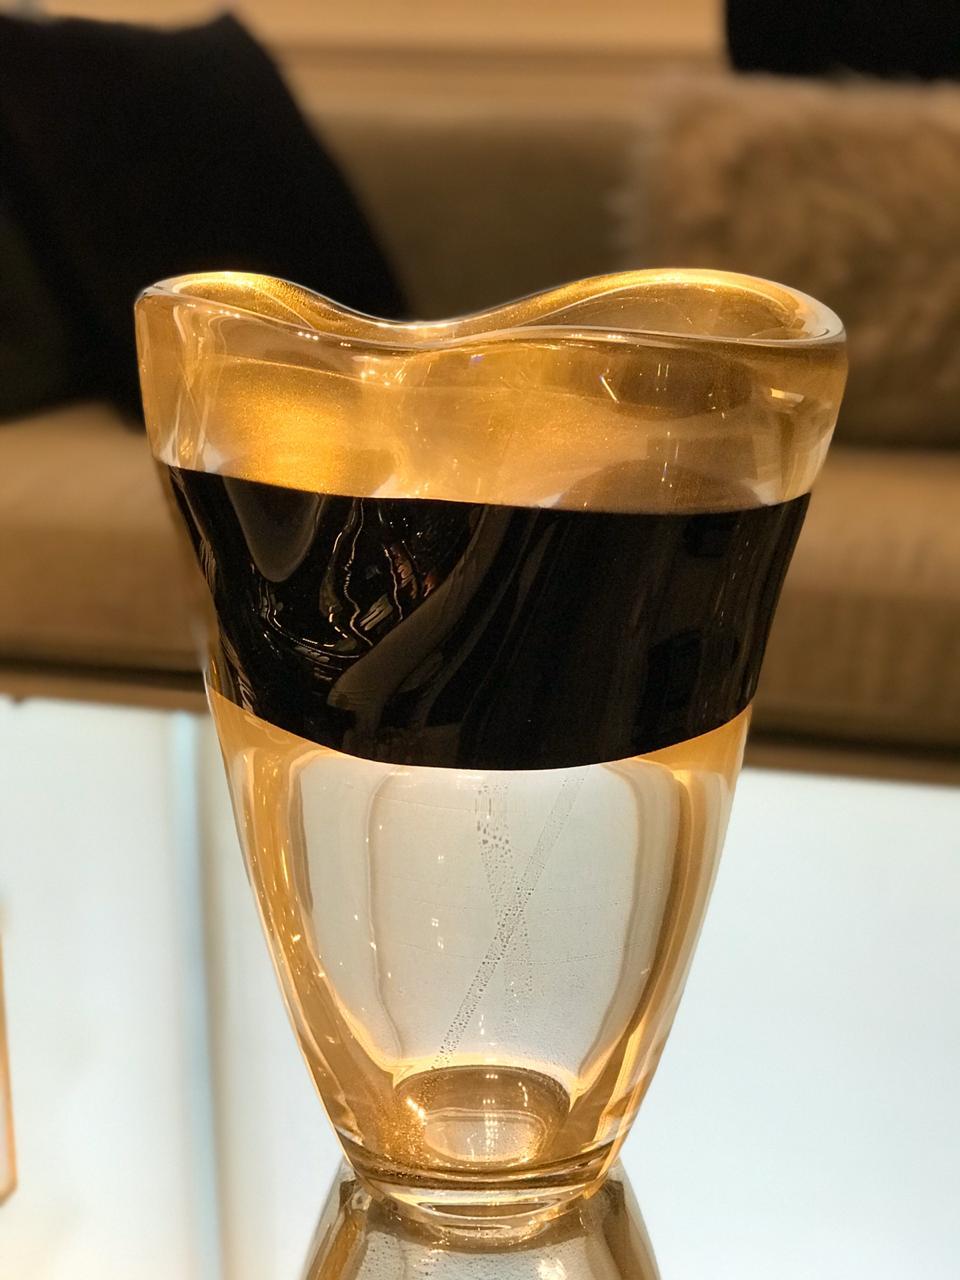 Vaso Listra - Transp. Faixa Preta com Ouro - M